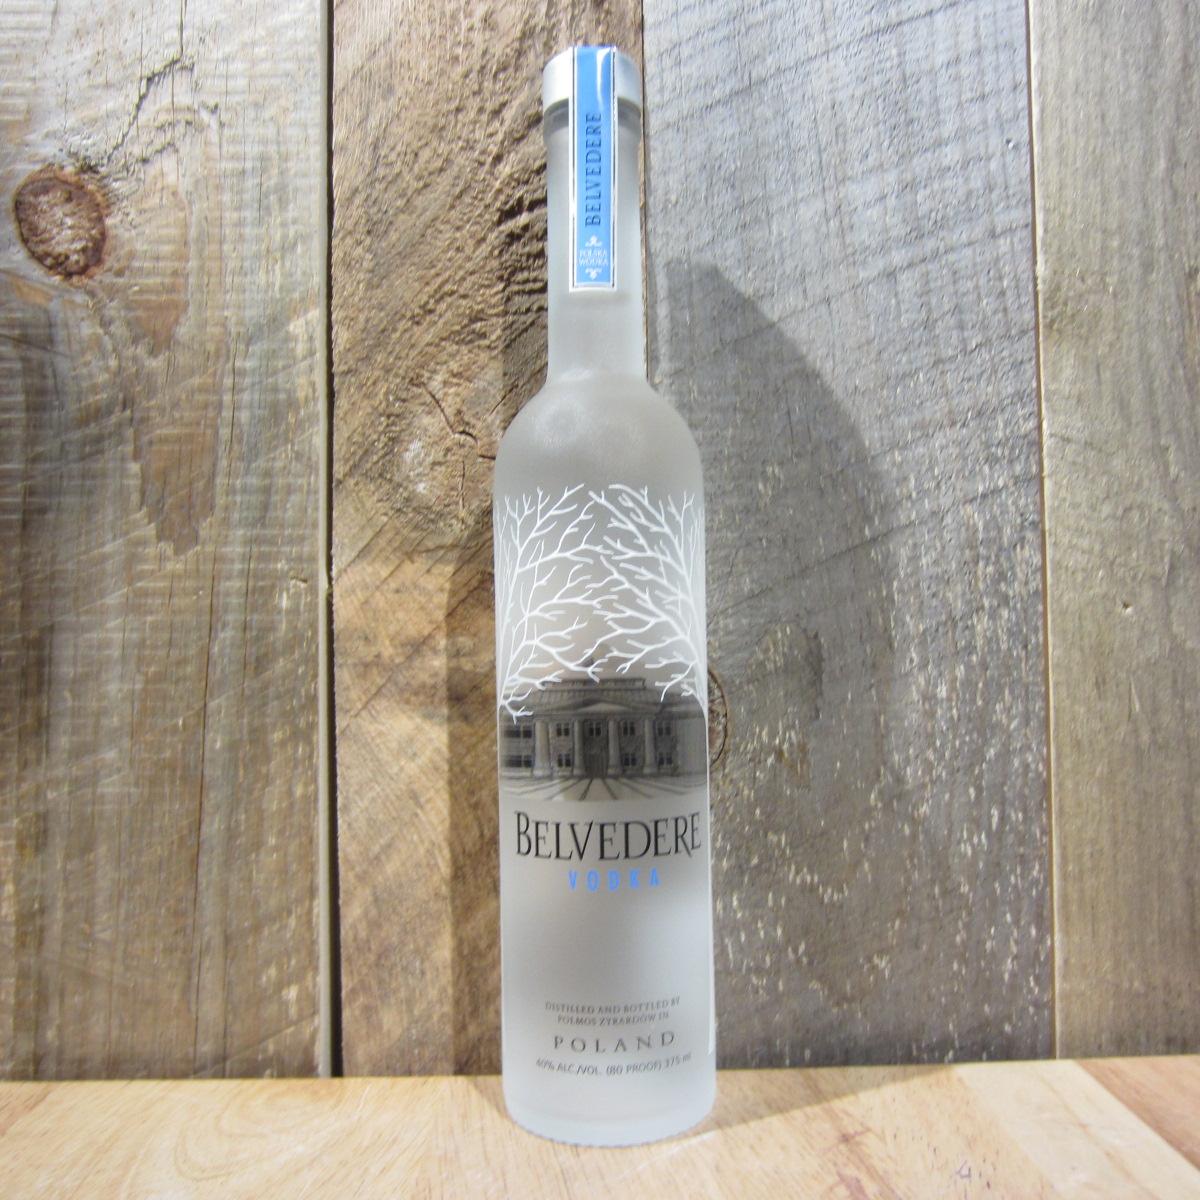 Belvedere Vodka 375ml (Half Size Btl)